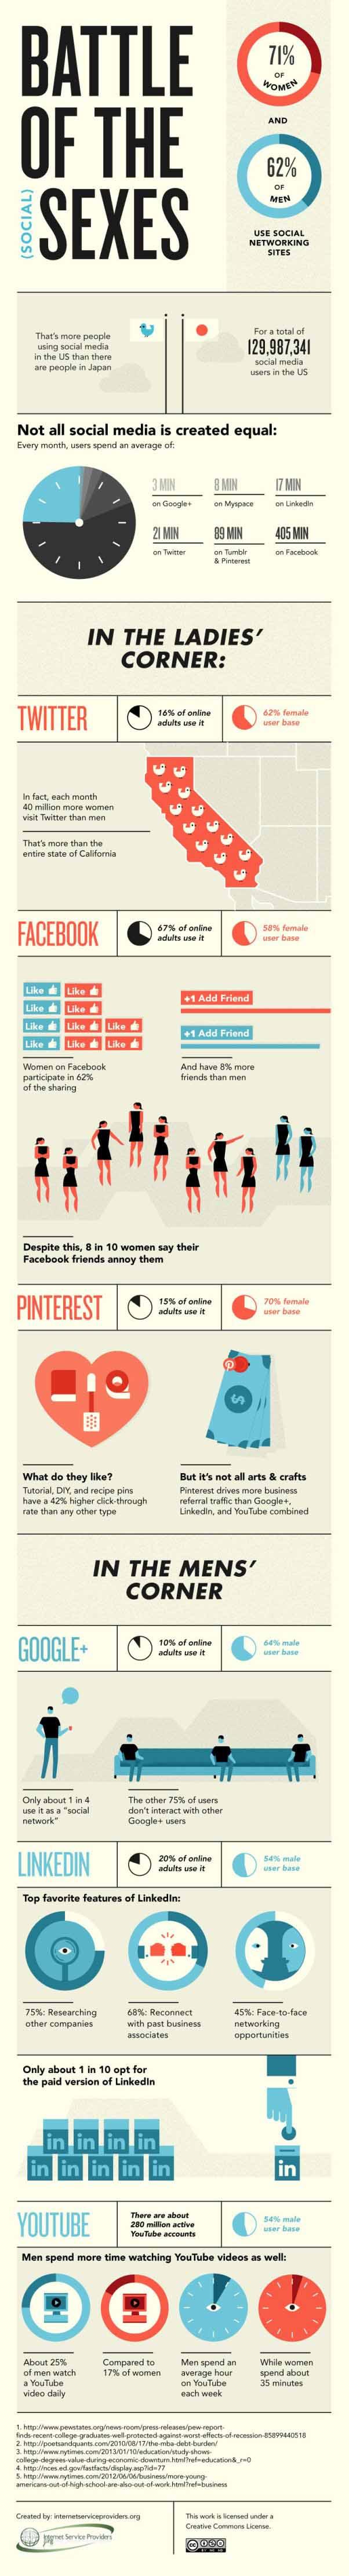 social media men women